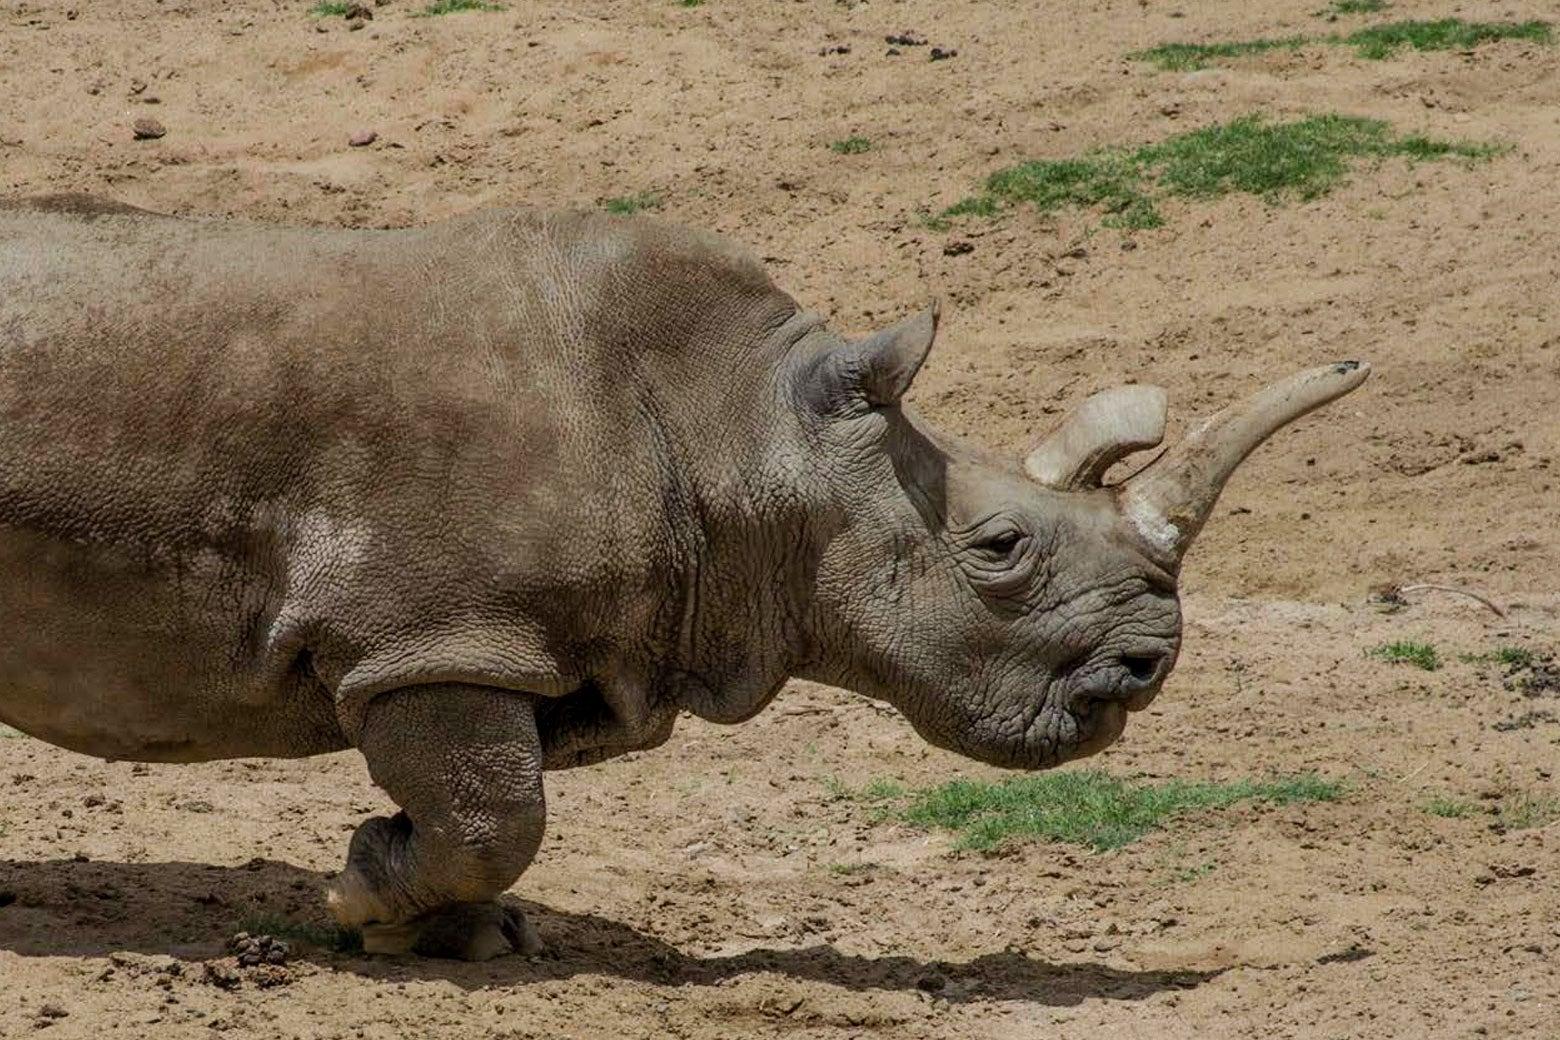 Nola the rhino.